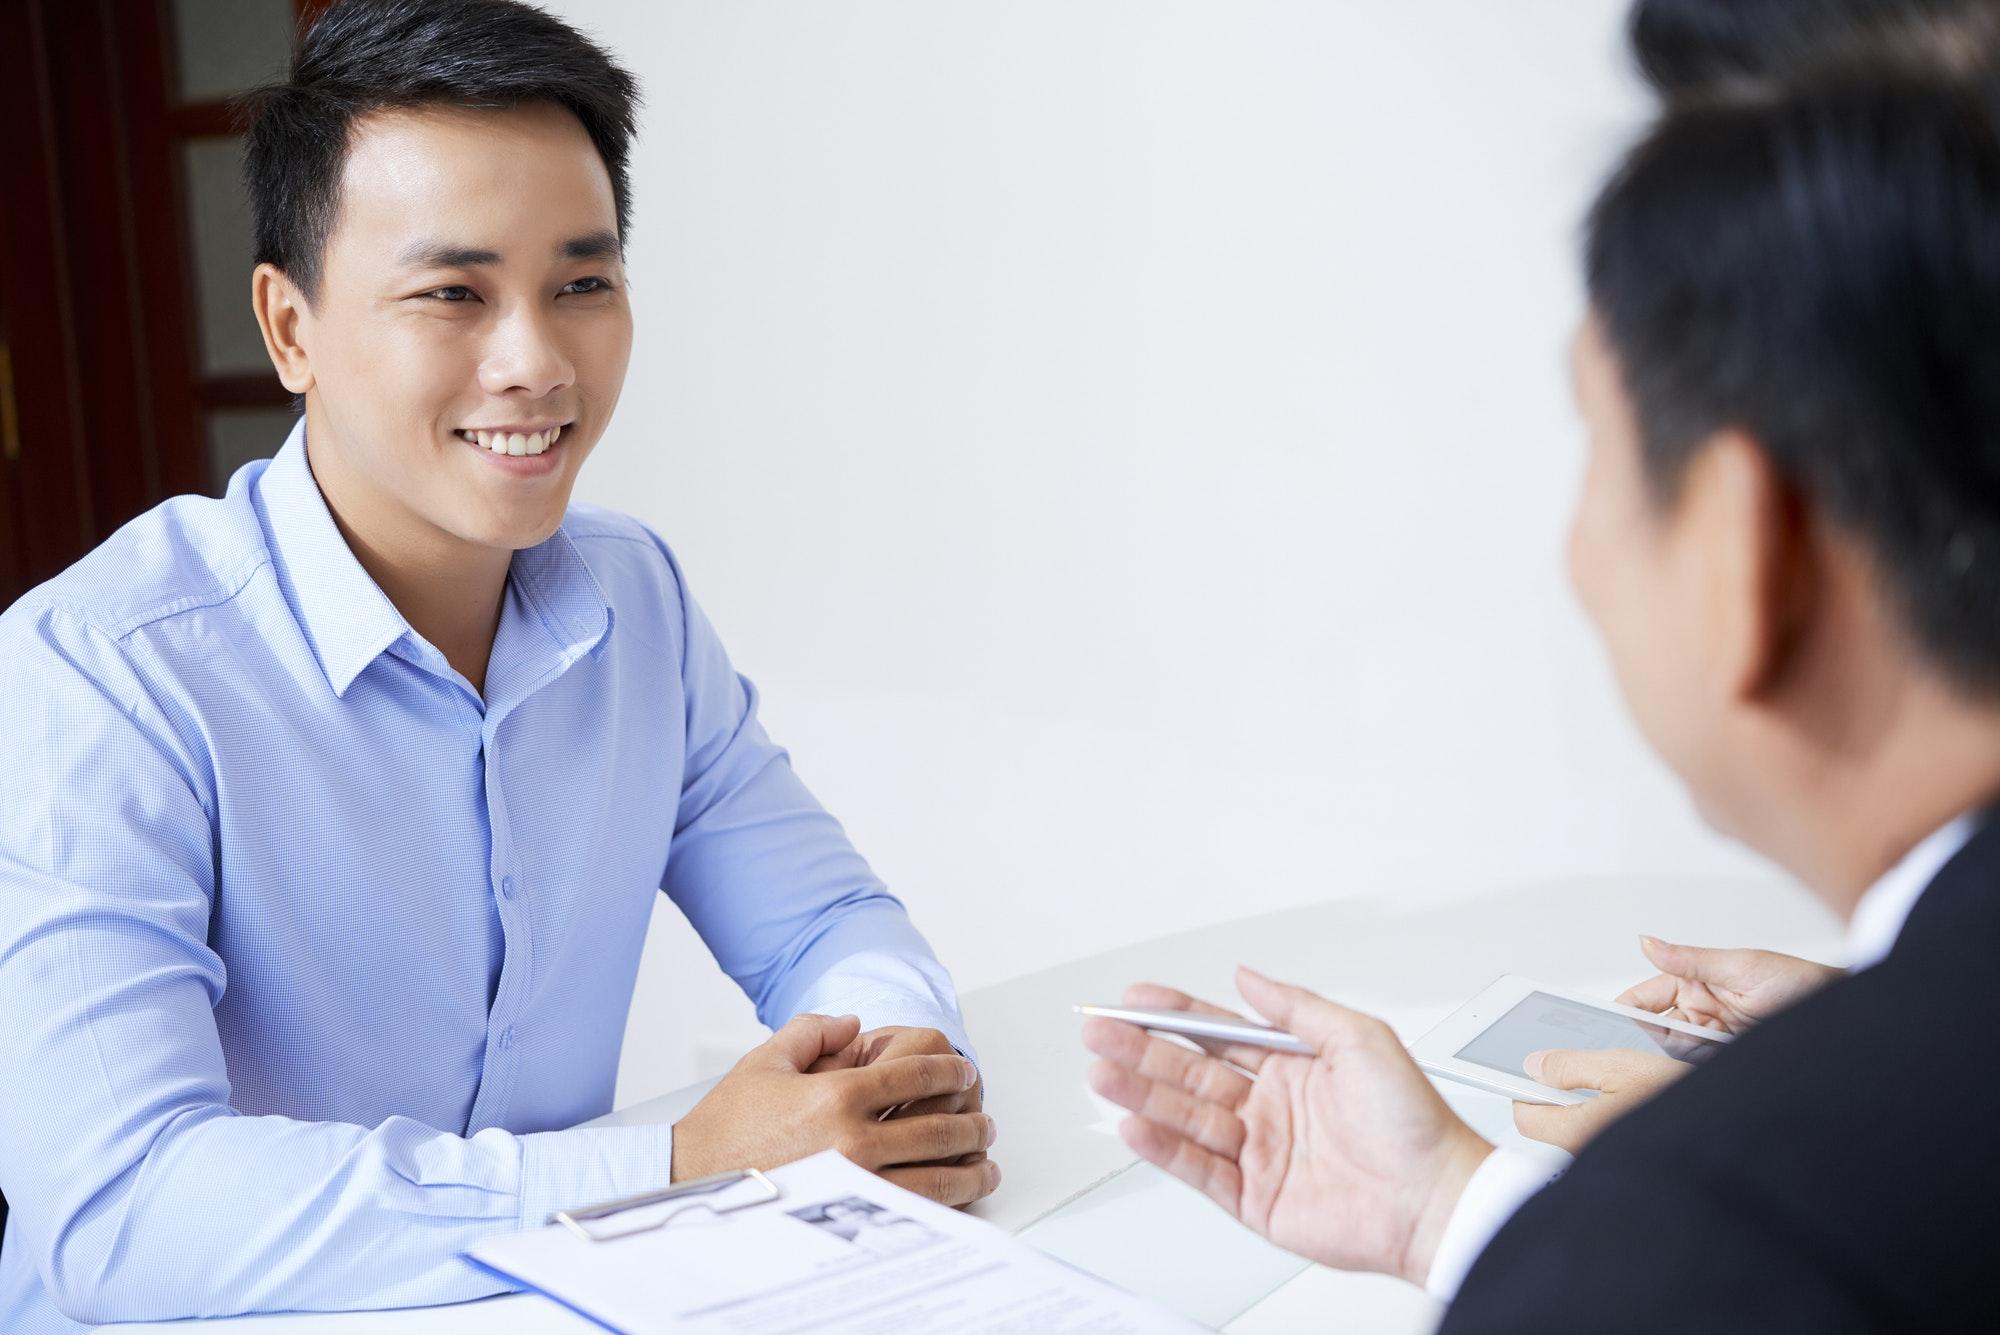 Man attending job interview